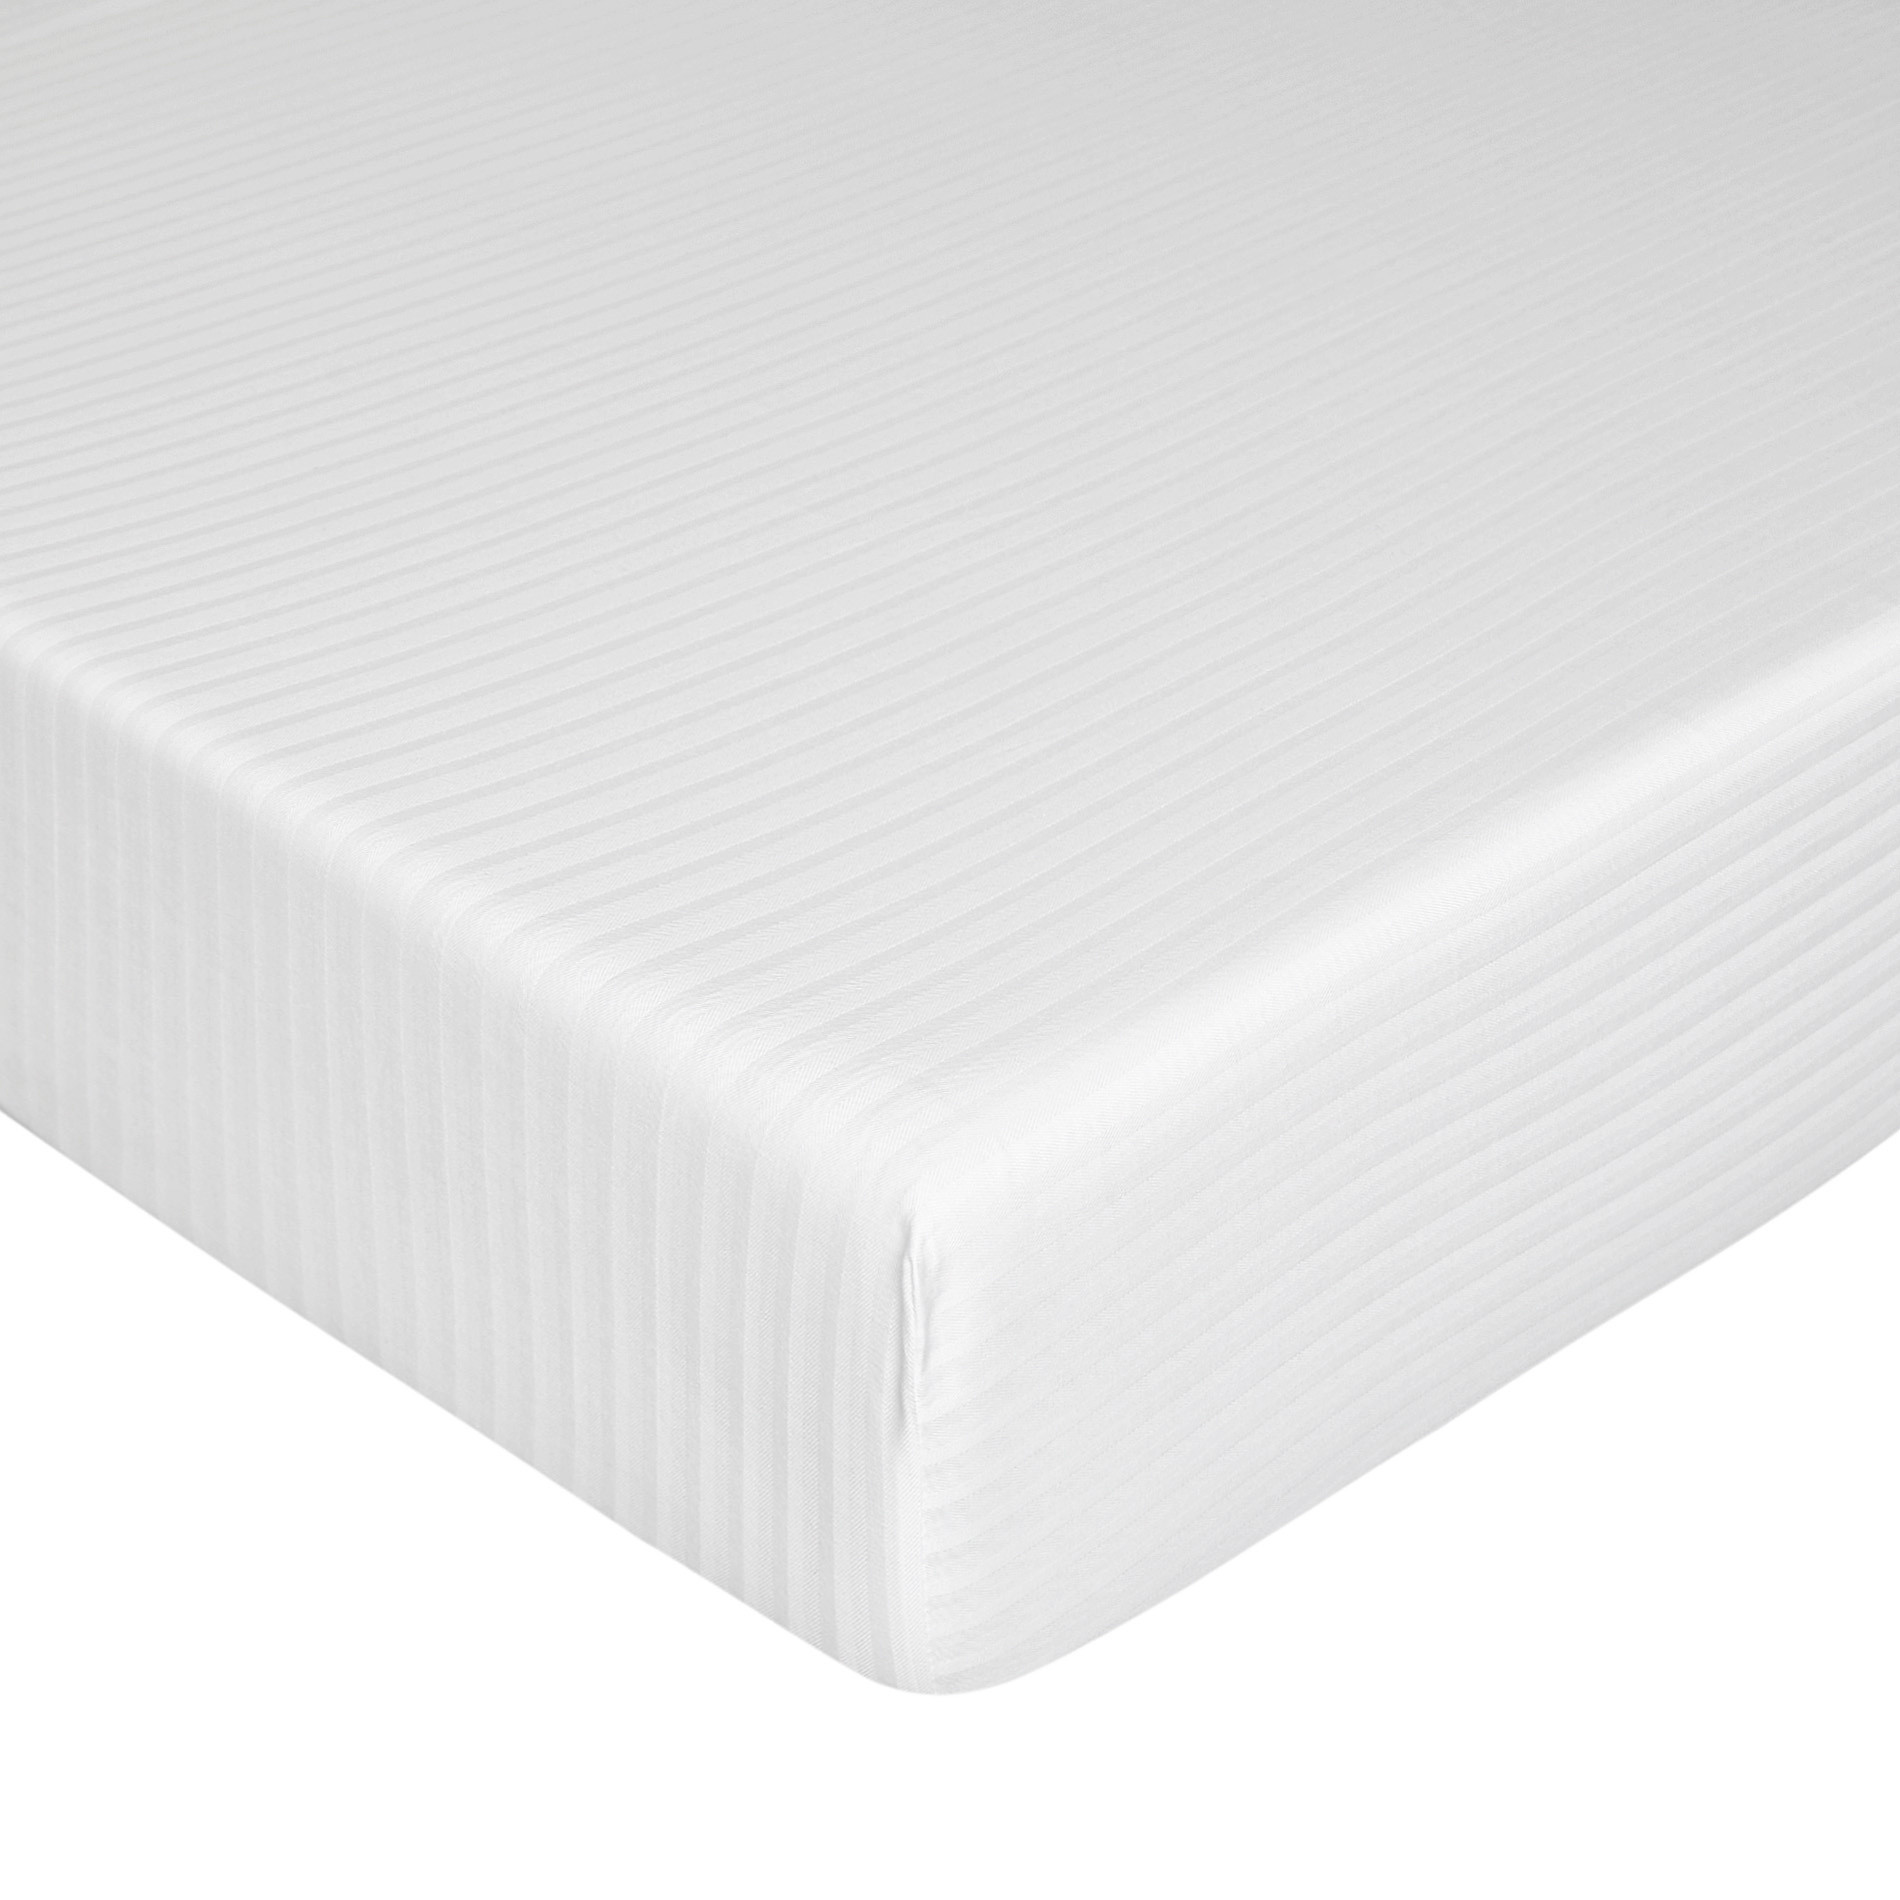 Coprimaterasso raso di cotone, Bianco, large image number 0